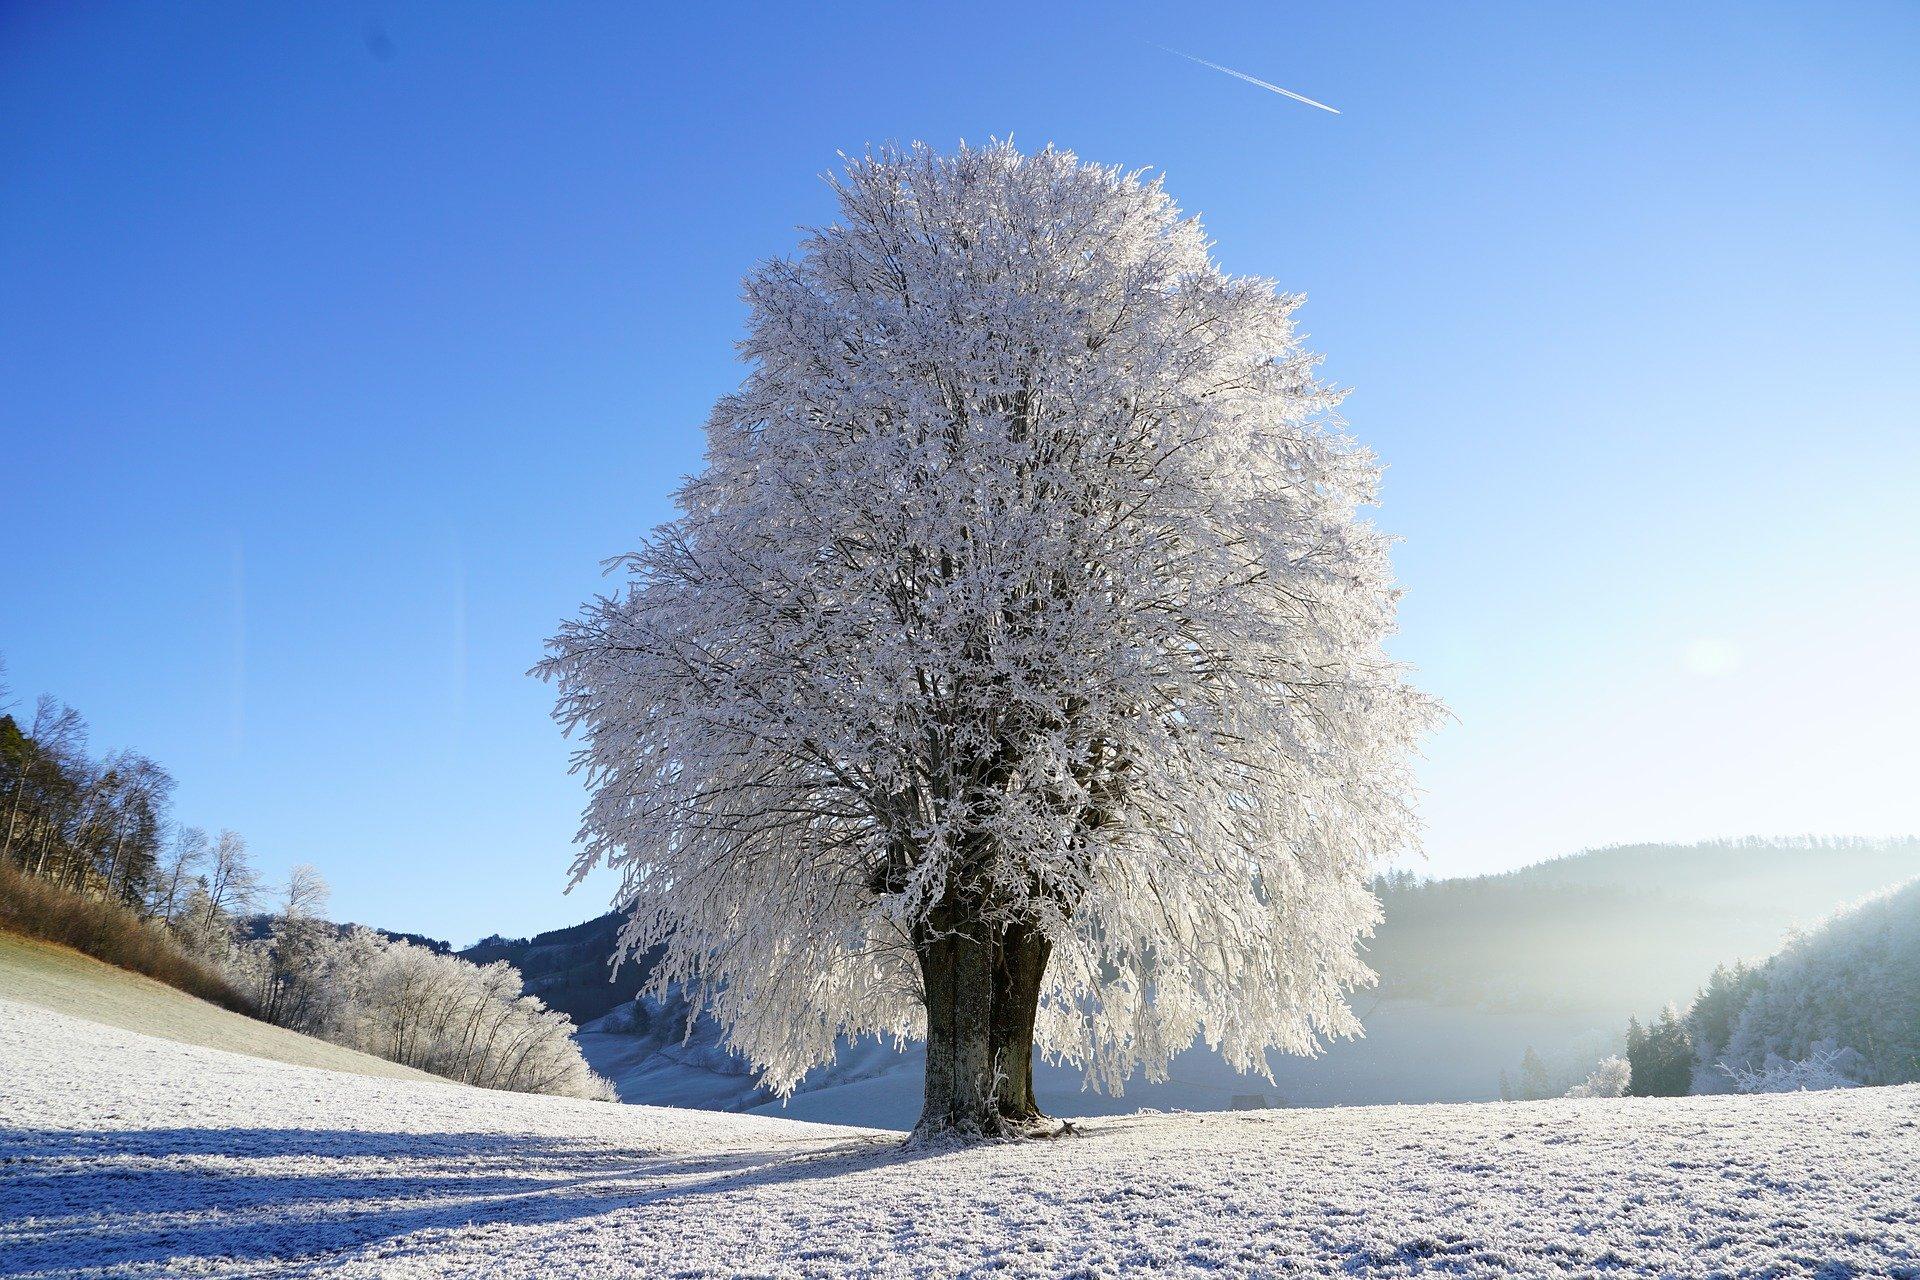 【スタサプ冬期講習】評判は?そもそも冬期講習は必要なのか冷静に考えてみた